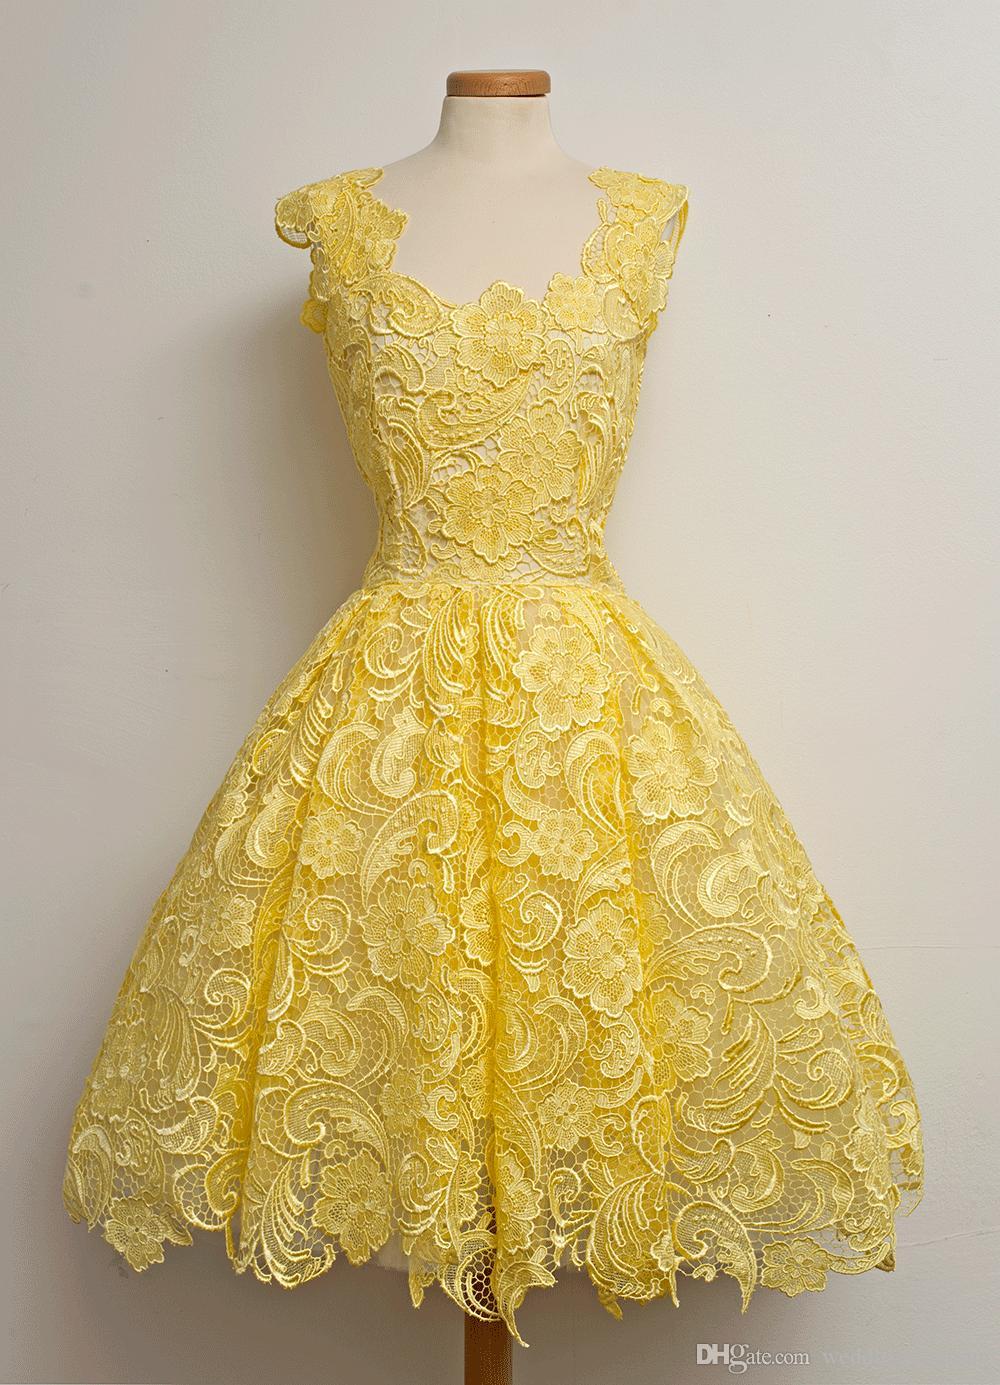 Luxus-einzigartige Spitzen-Partei-Kleider Weinlese-Knie-Längen-schicke populäre Abend-Kleider Frauen, die kurzes nach Maß wirkliches Bild bescheidenes Partei-Kleid verkappt werden